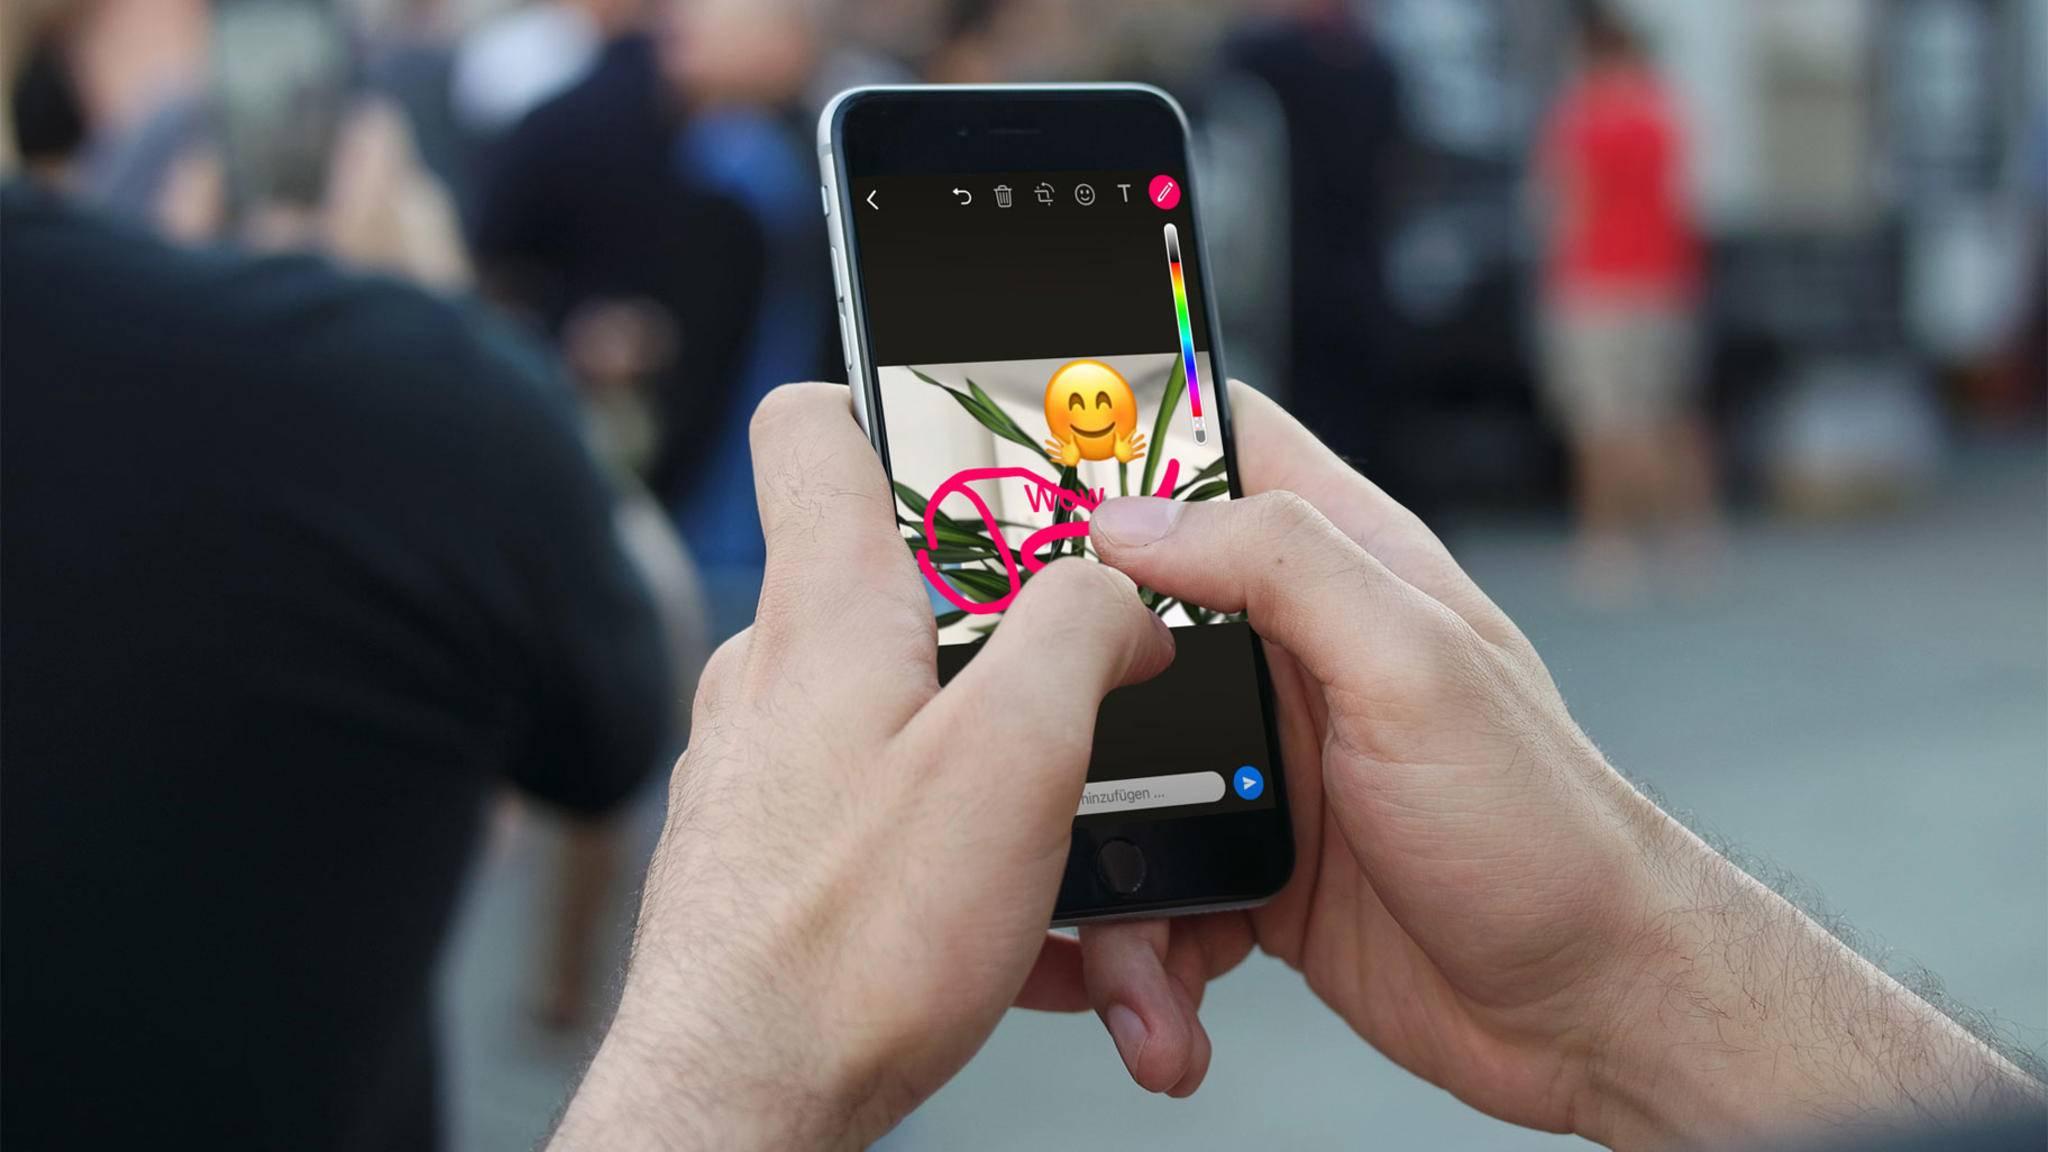 WhatsApp-Fotos haben Dir mal wieder den iPhone-Speicher gefüllt? Dann kannst Du sie jetzt gezielt löschen.